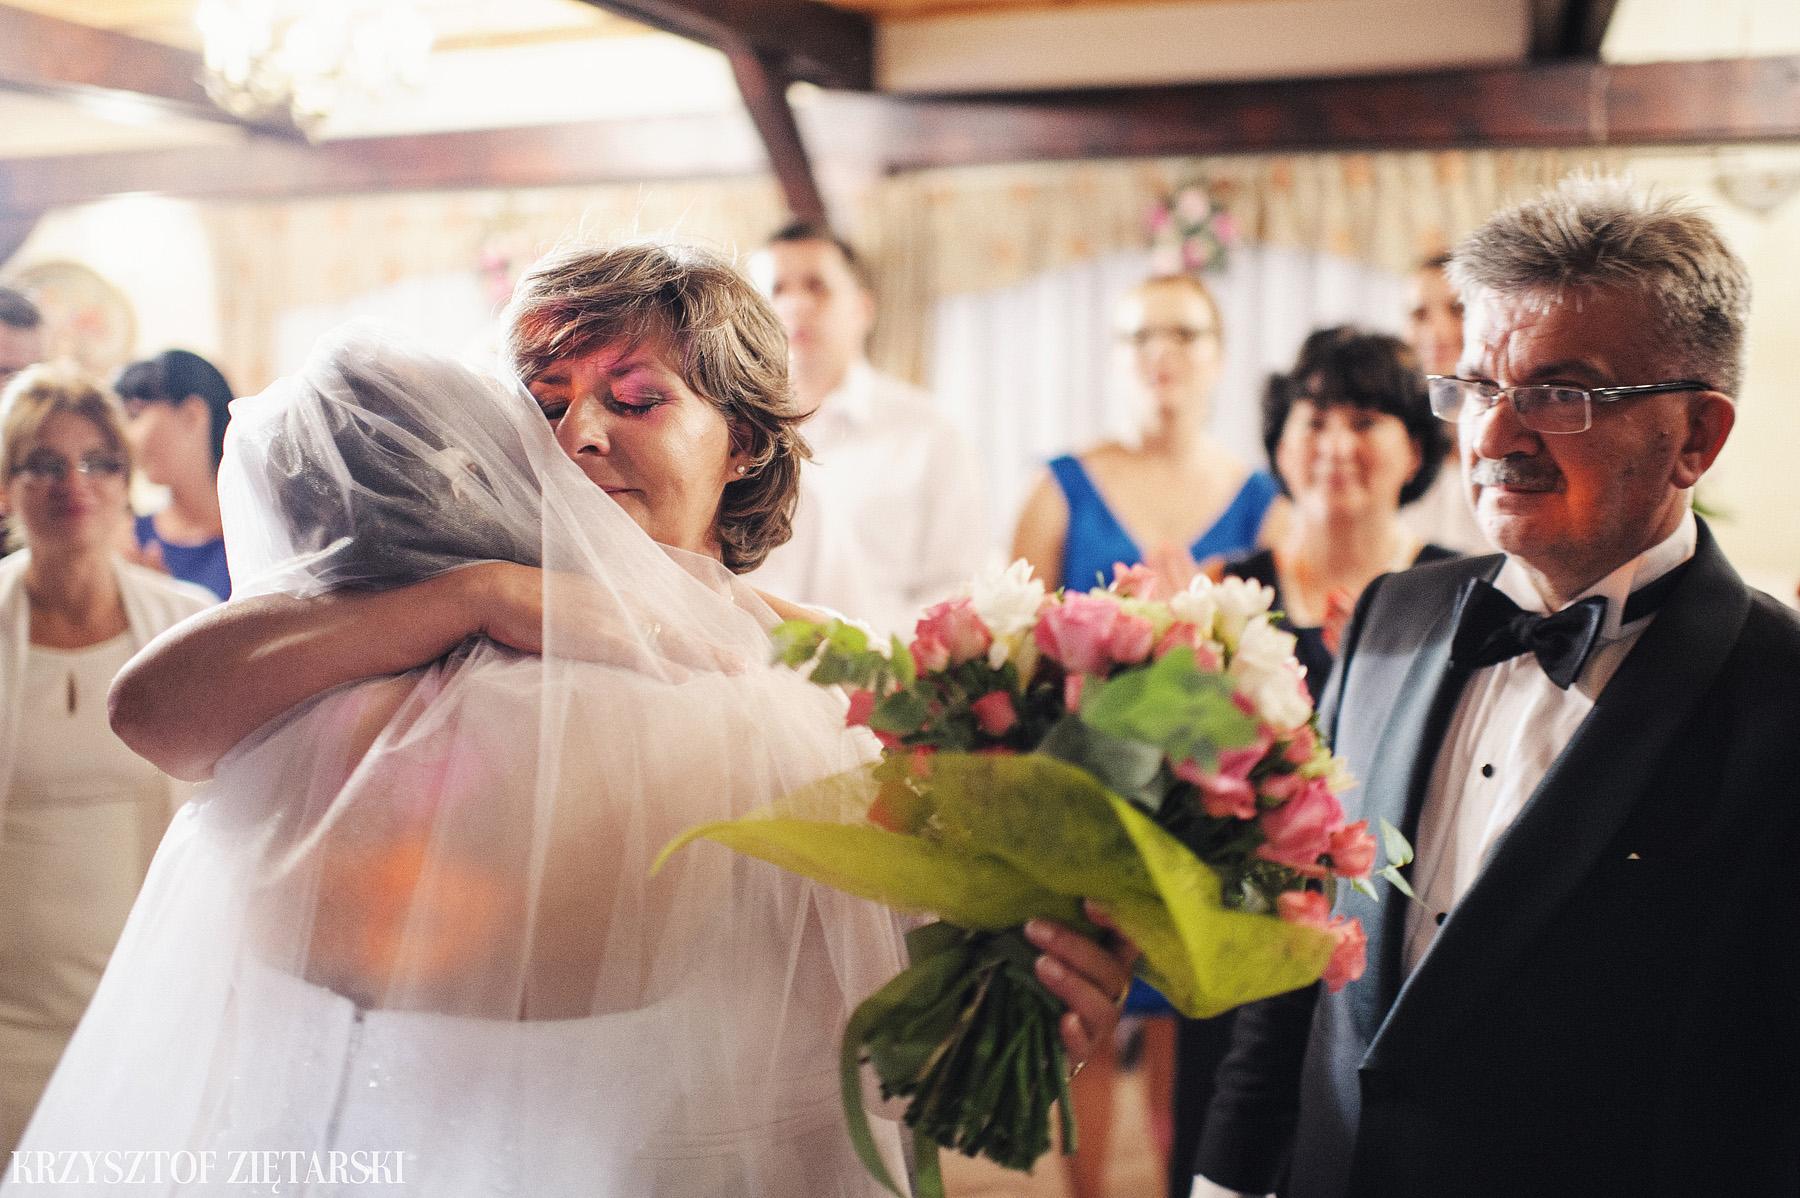 Karolina i Jacek - Fotografia ślubna Gdańsk, Chwaszczyno, Gościniec dla Przyjaciół Wyczechowo Hilary - 54.